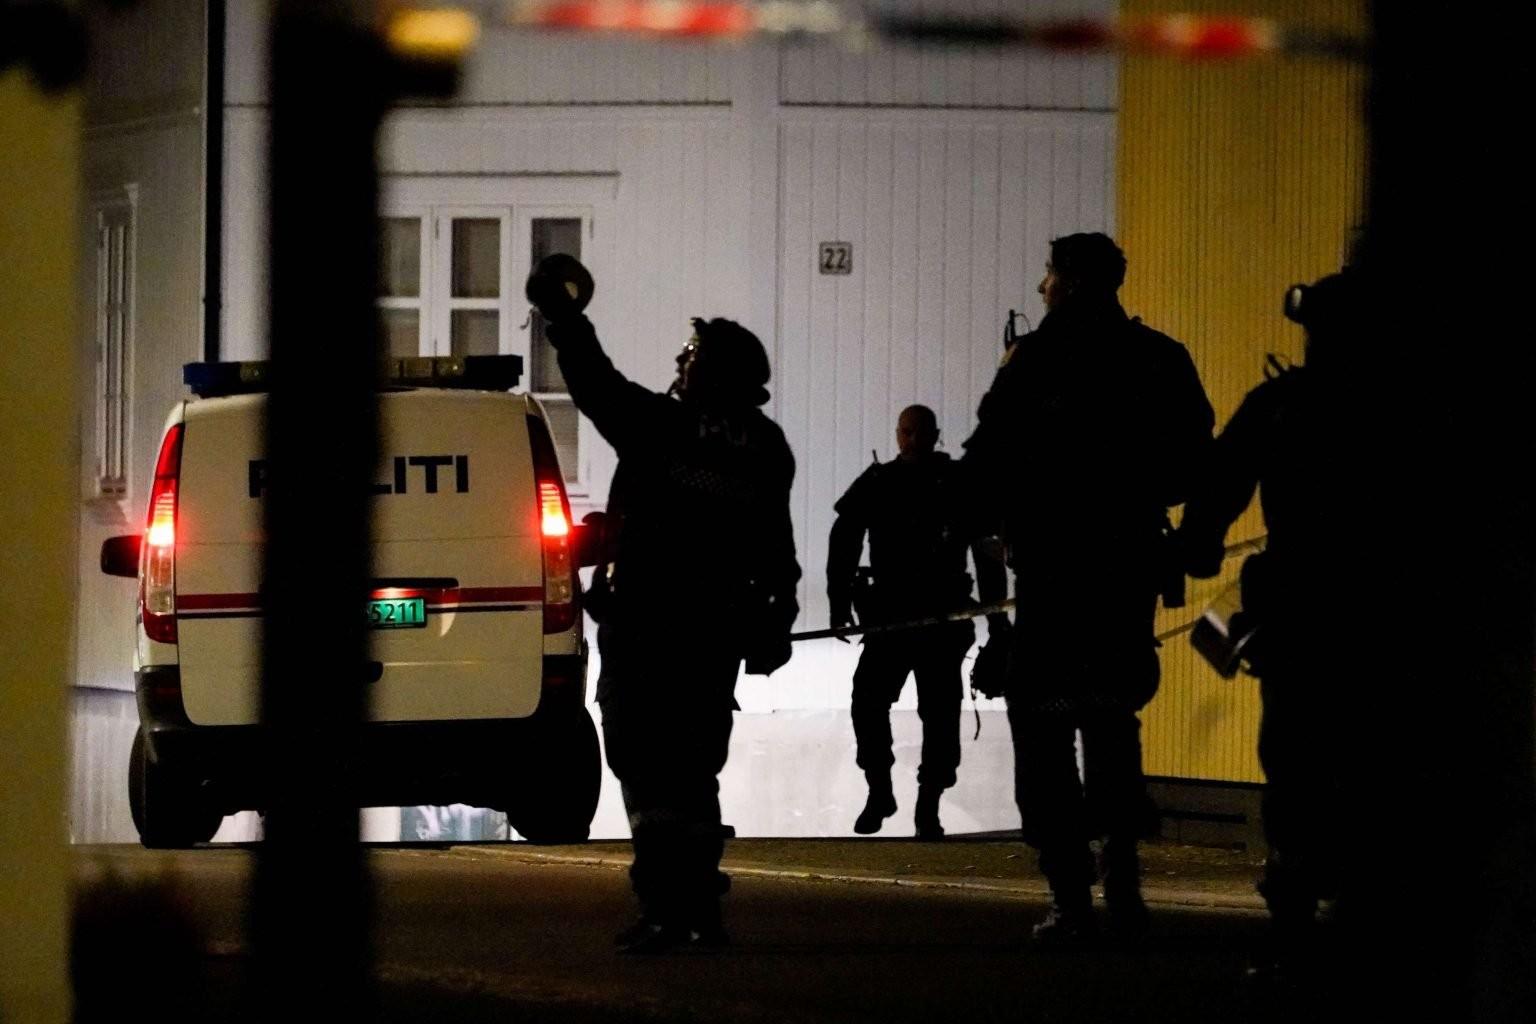 قوات شرطة نرويجية في مكان الهجوم 11